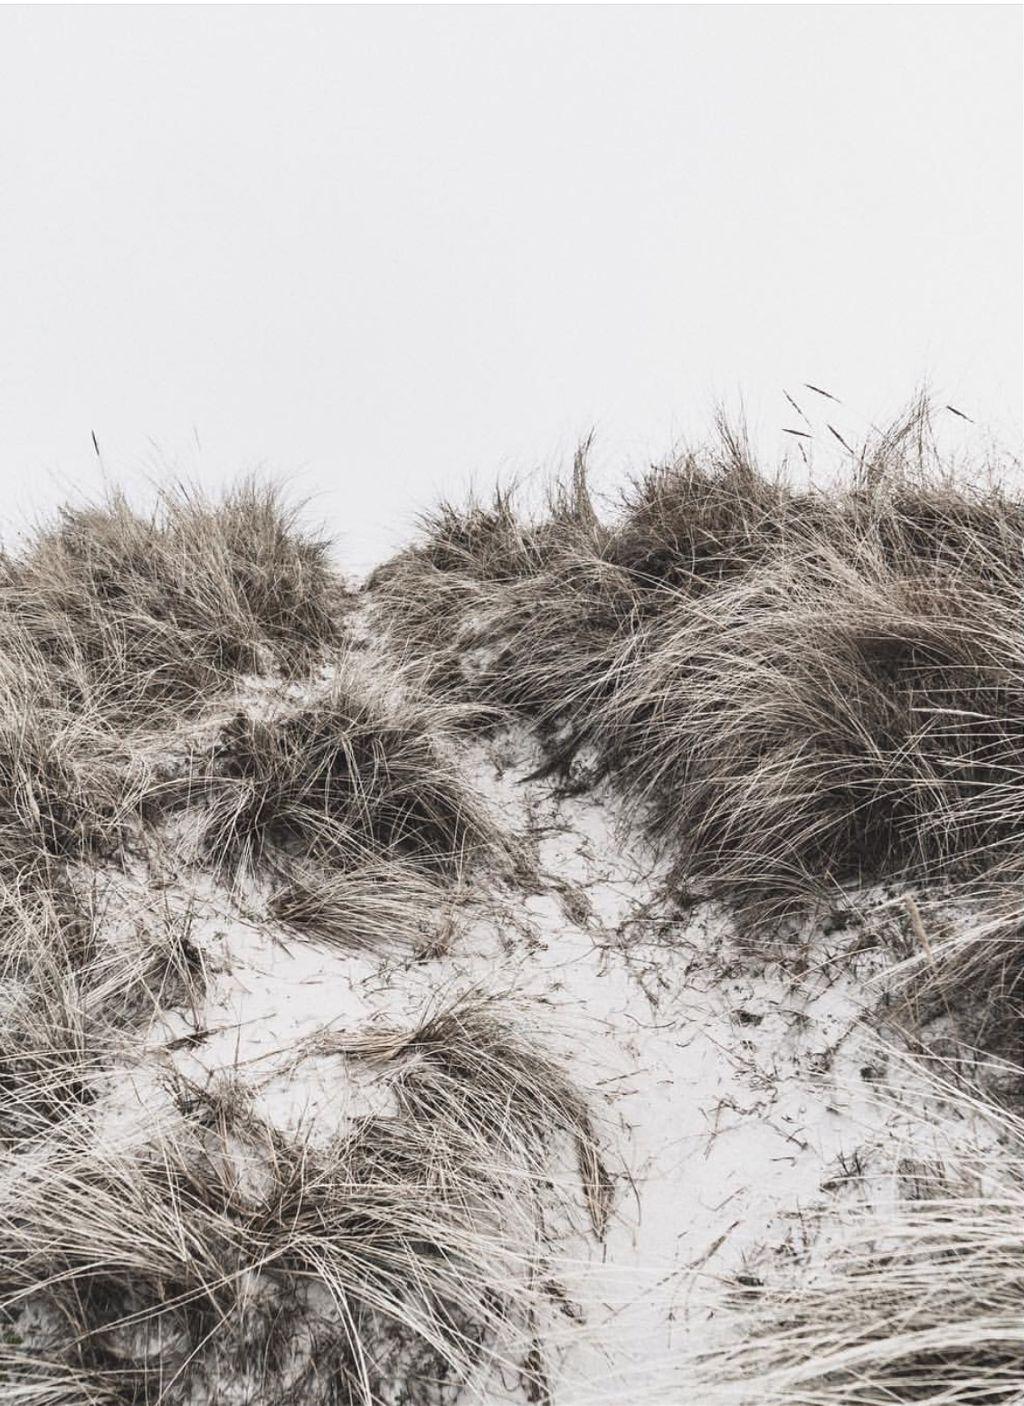 #nature #beachdunes #grass #monochromatic #naturephotography   #freetoedit